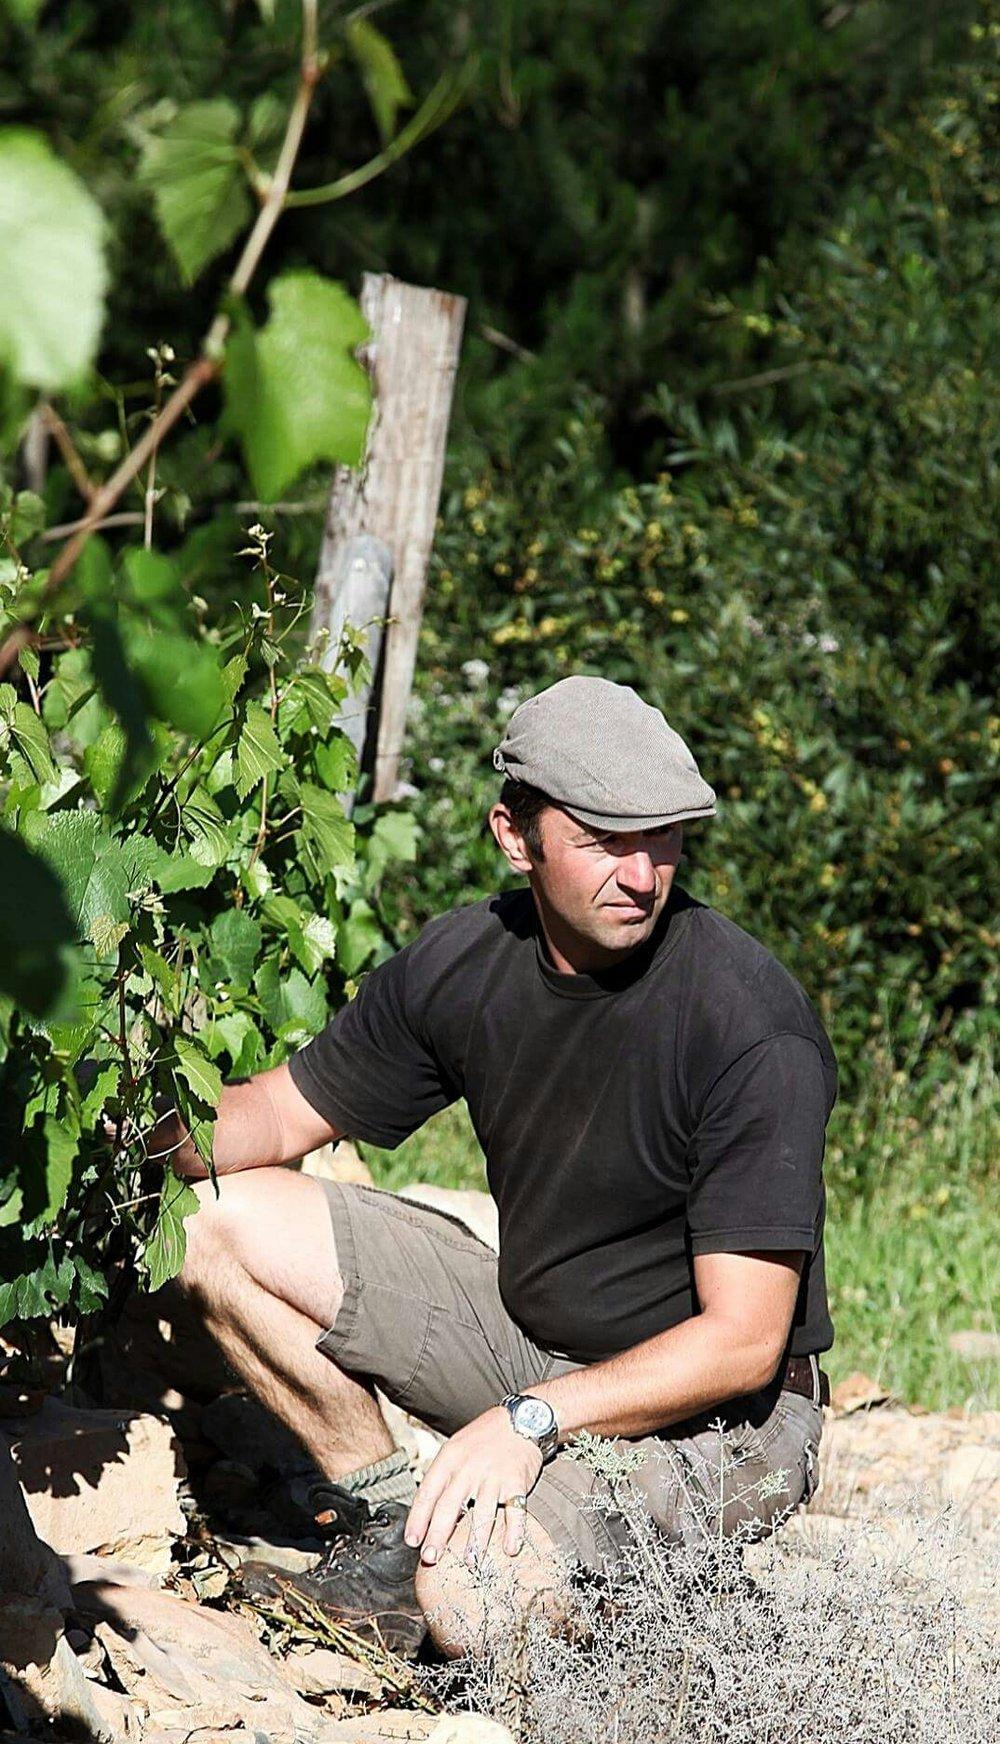 Winemaker Koen Roose